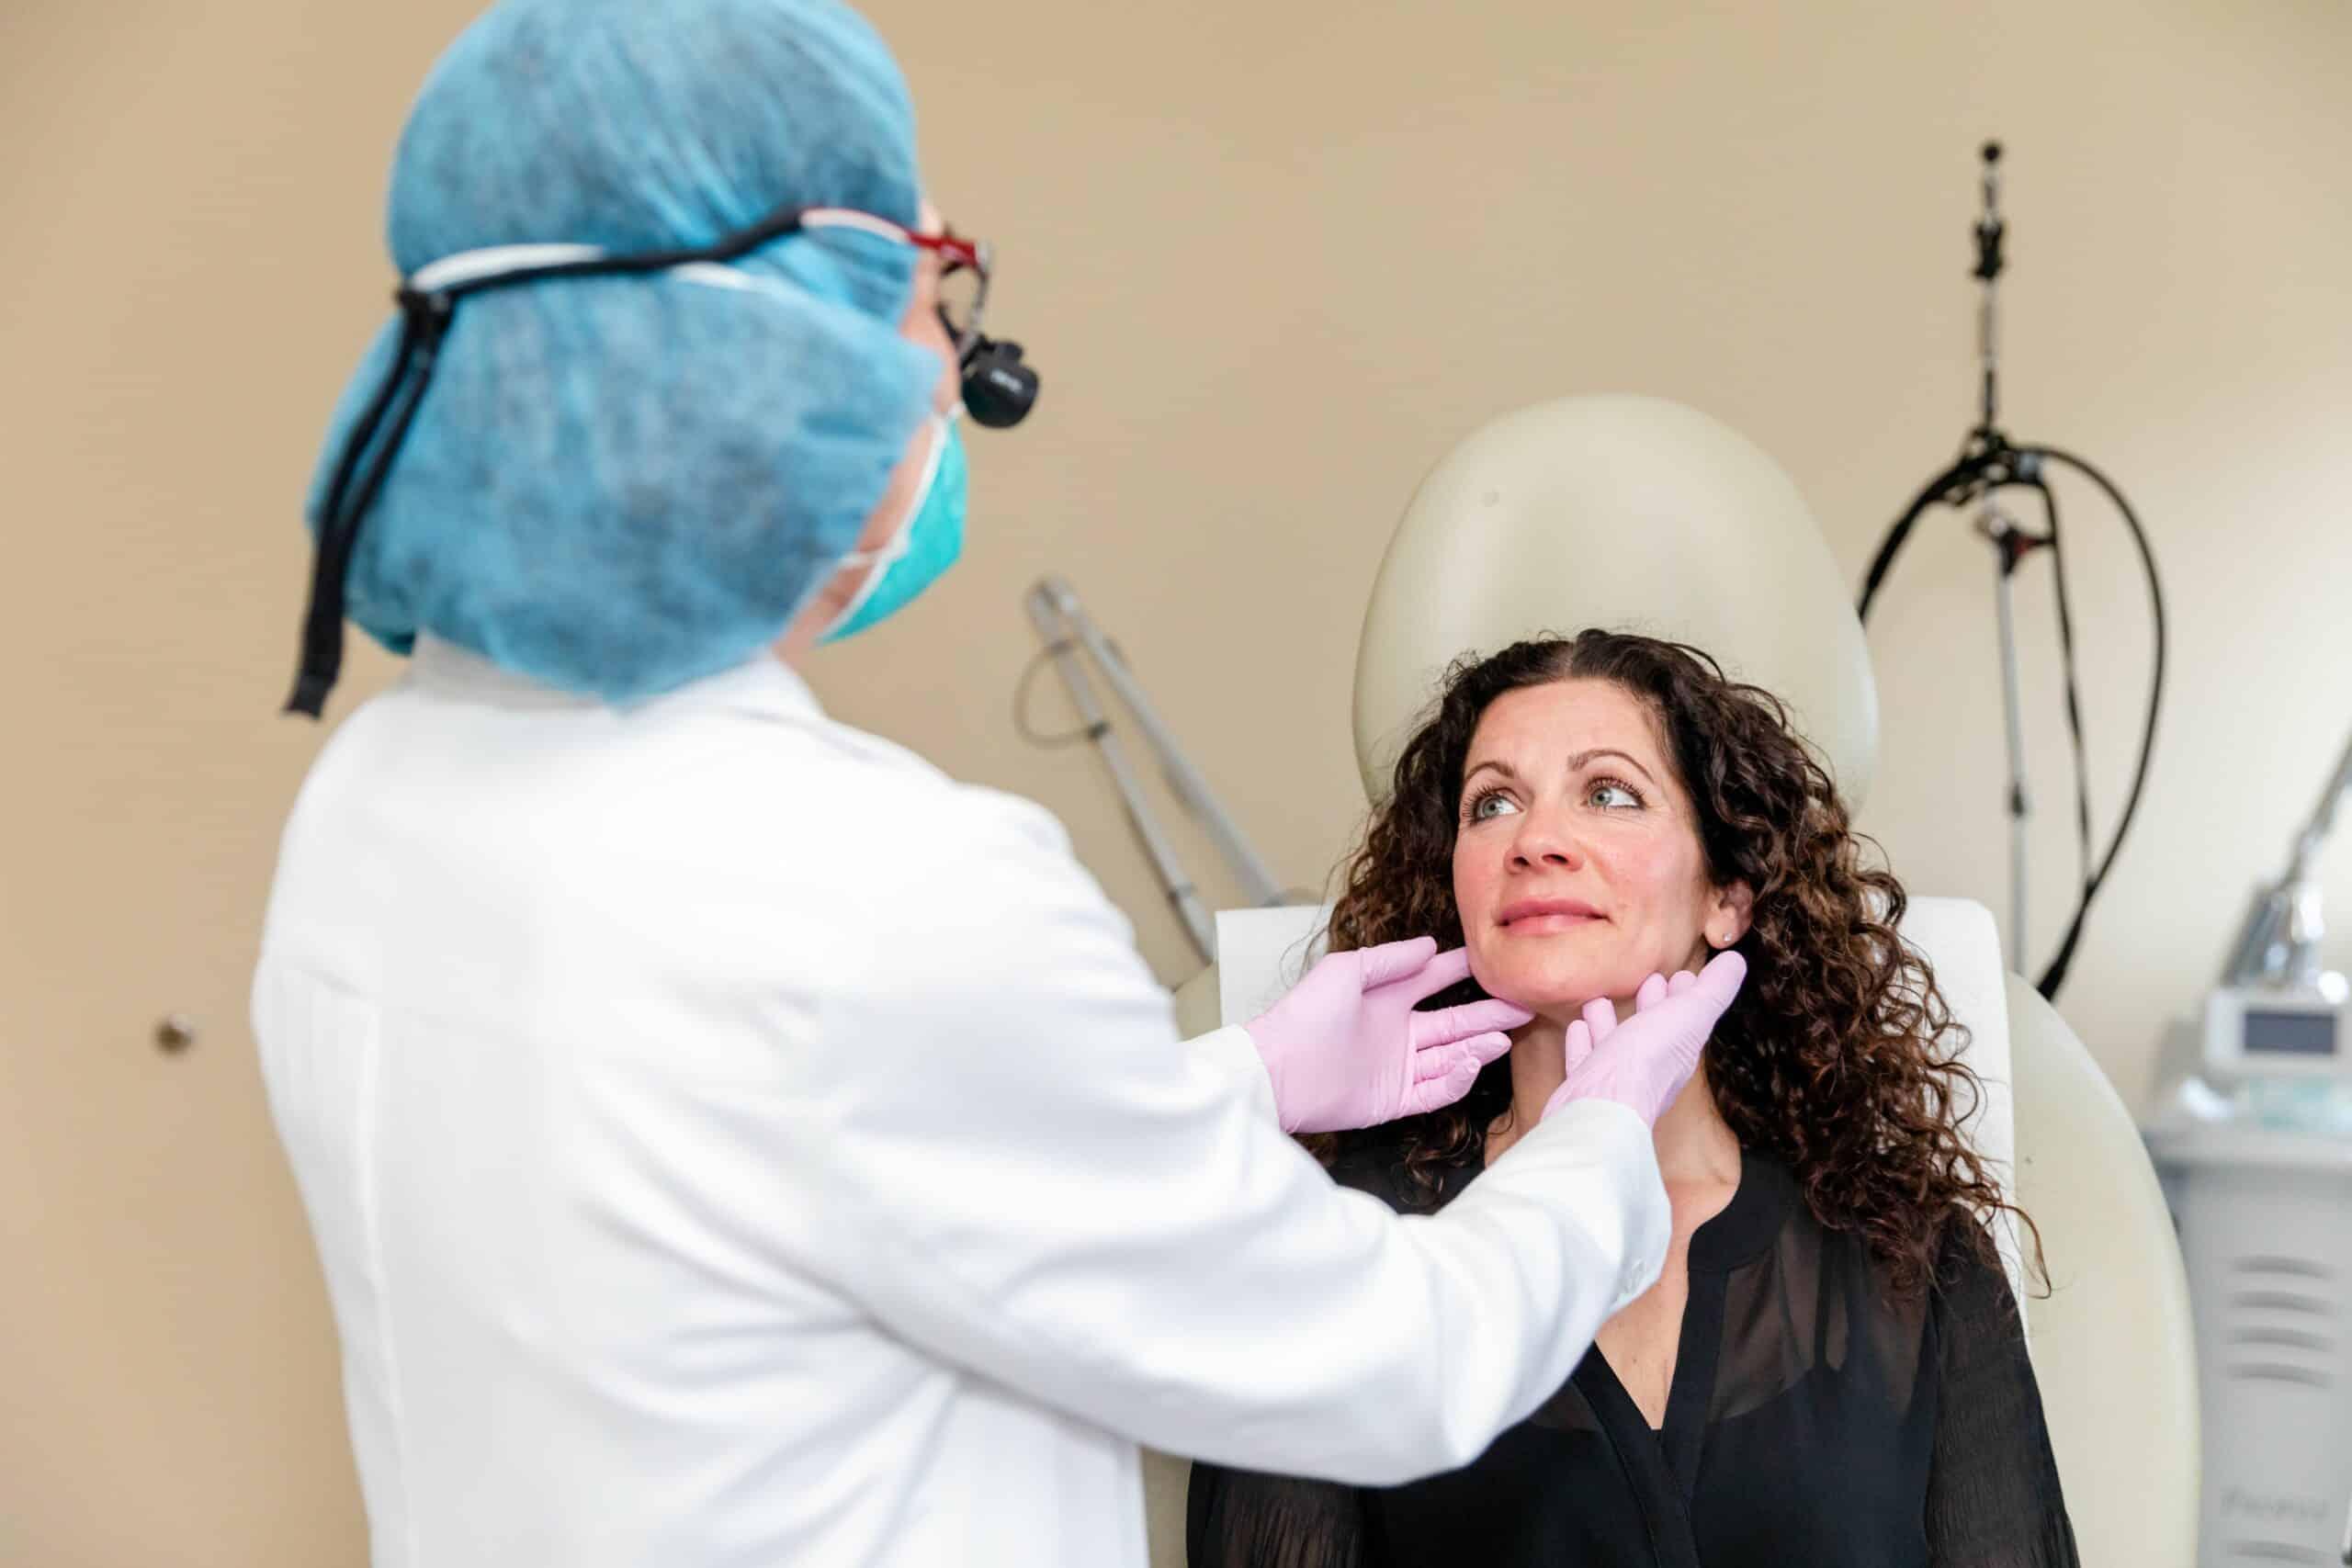 ear surgery otoplasty in princeton, nj